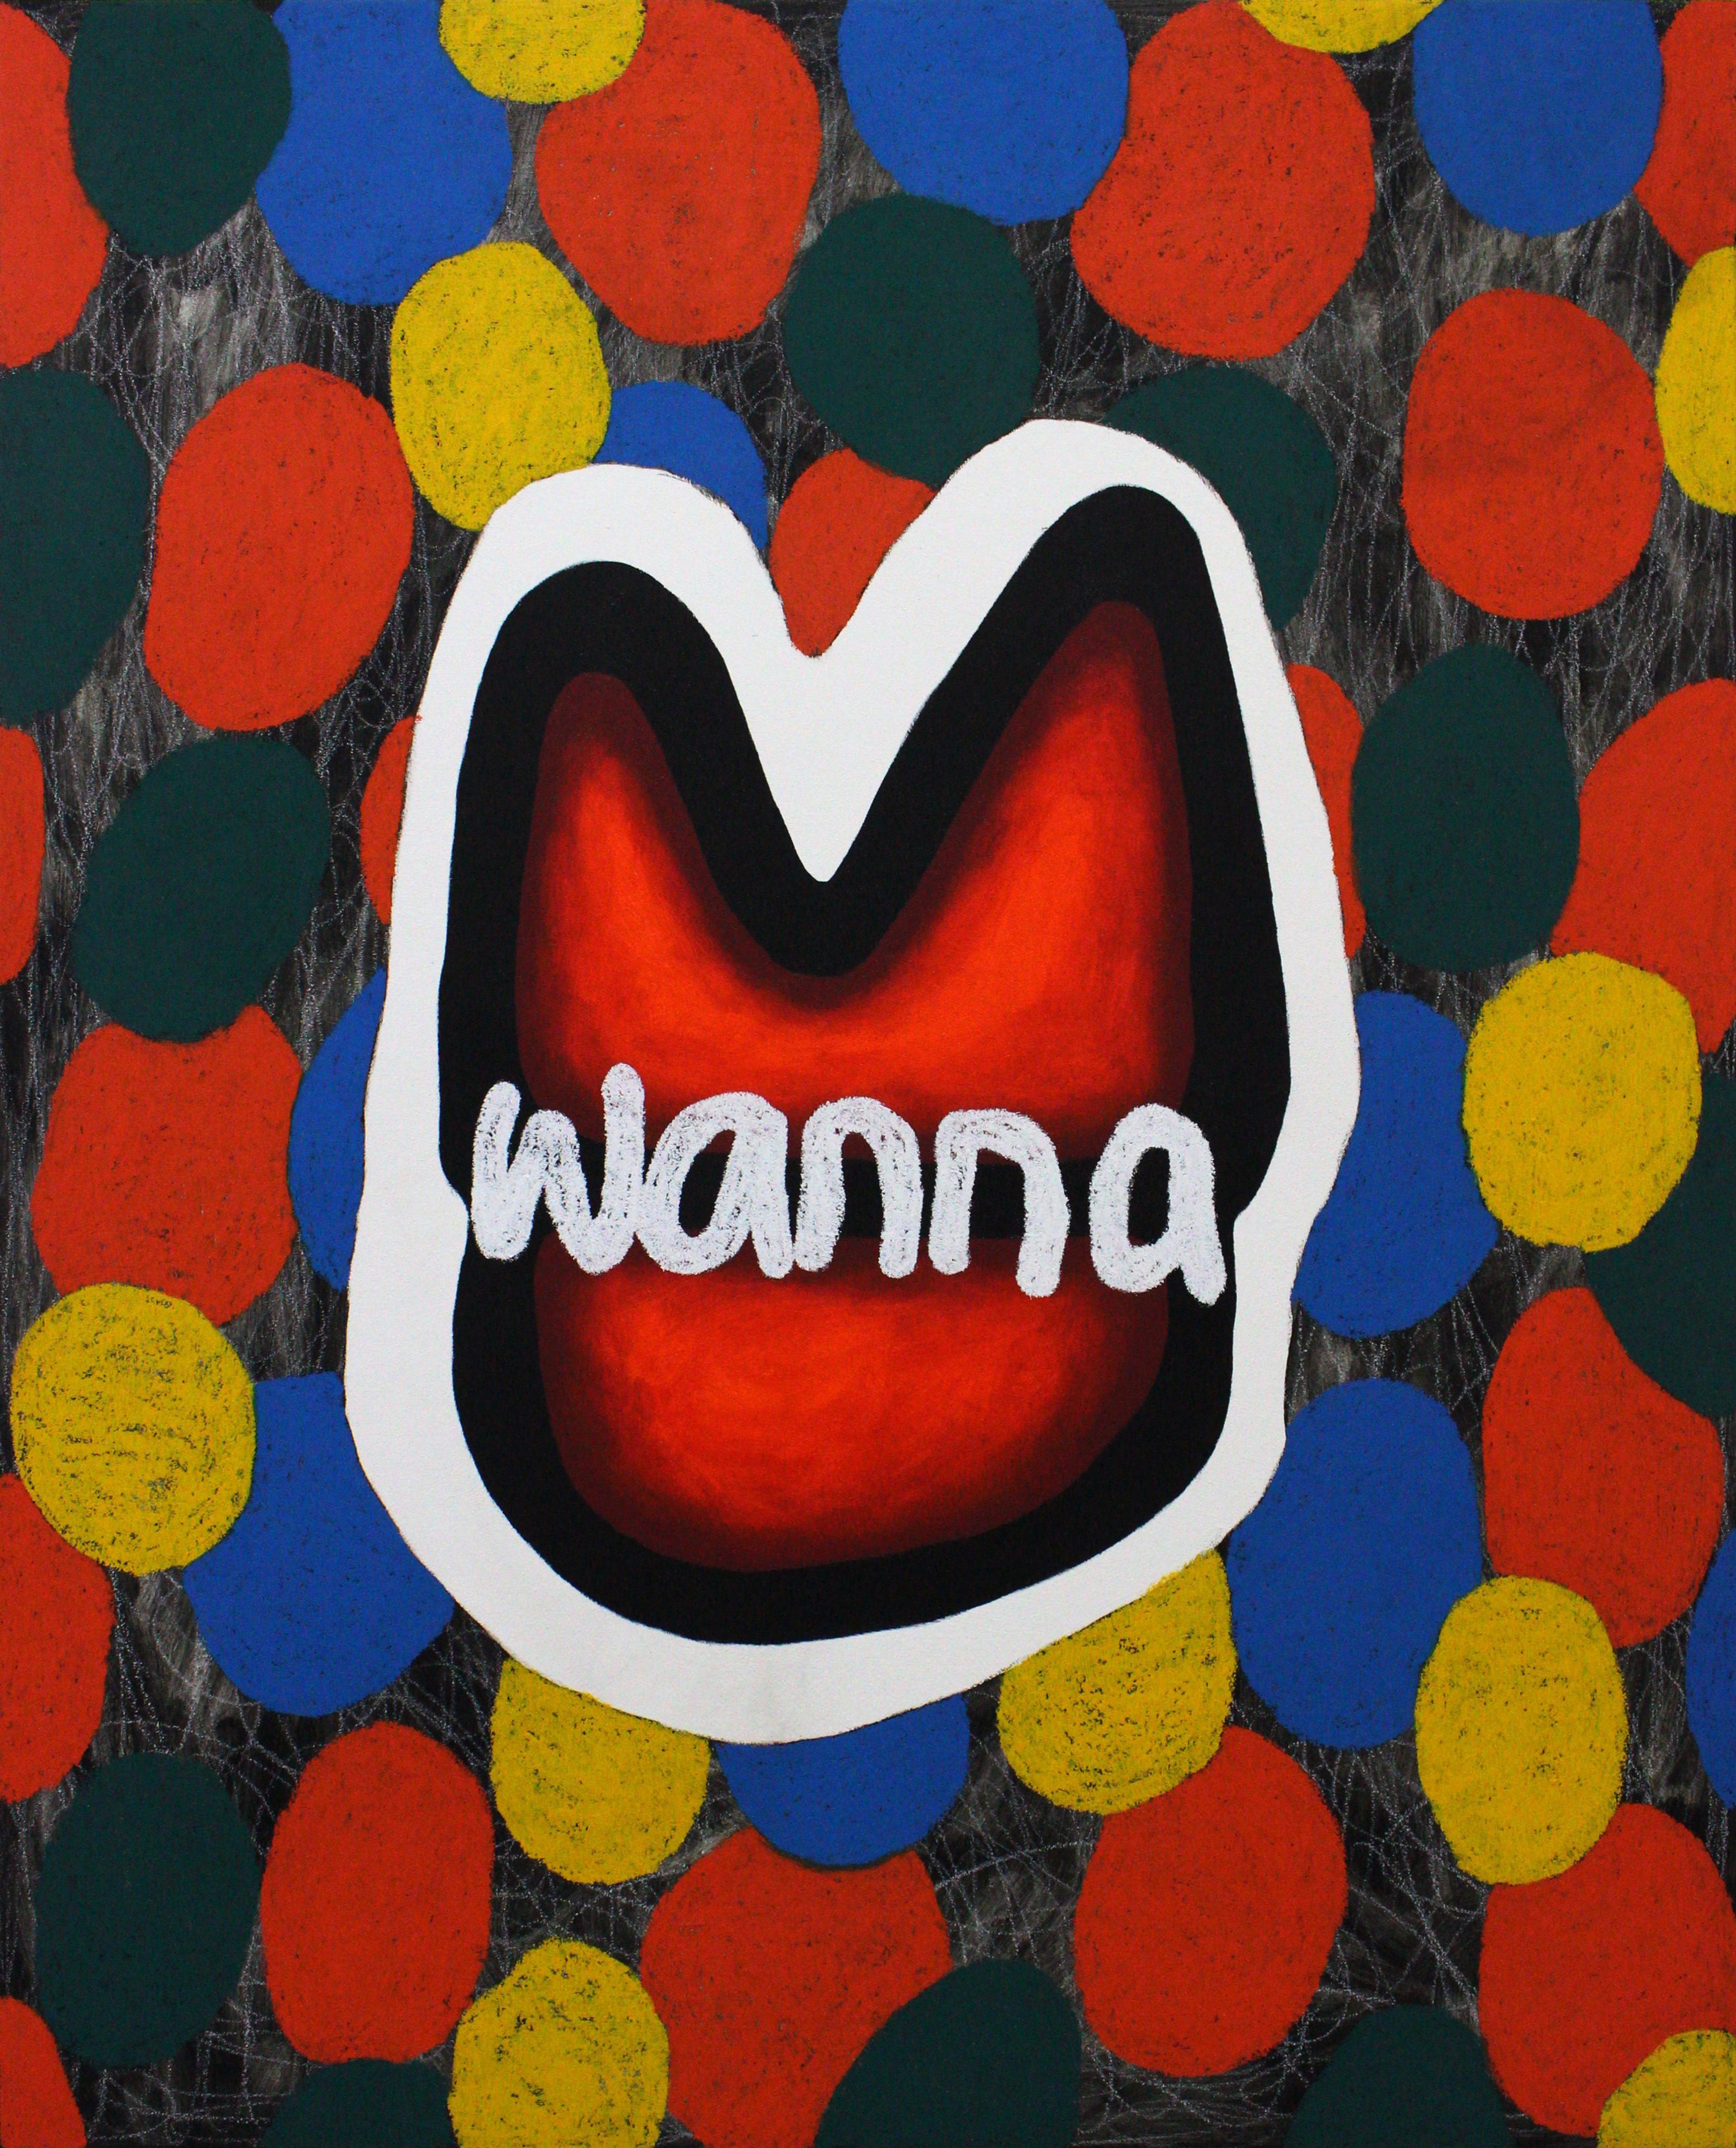 Wanna_Oil pastel on panel 73x91cm 2019